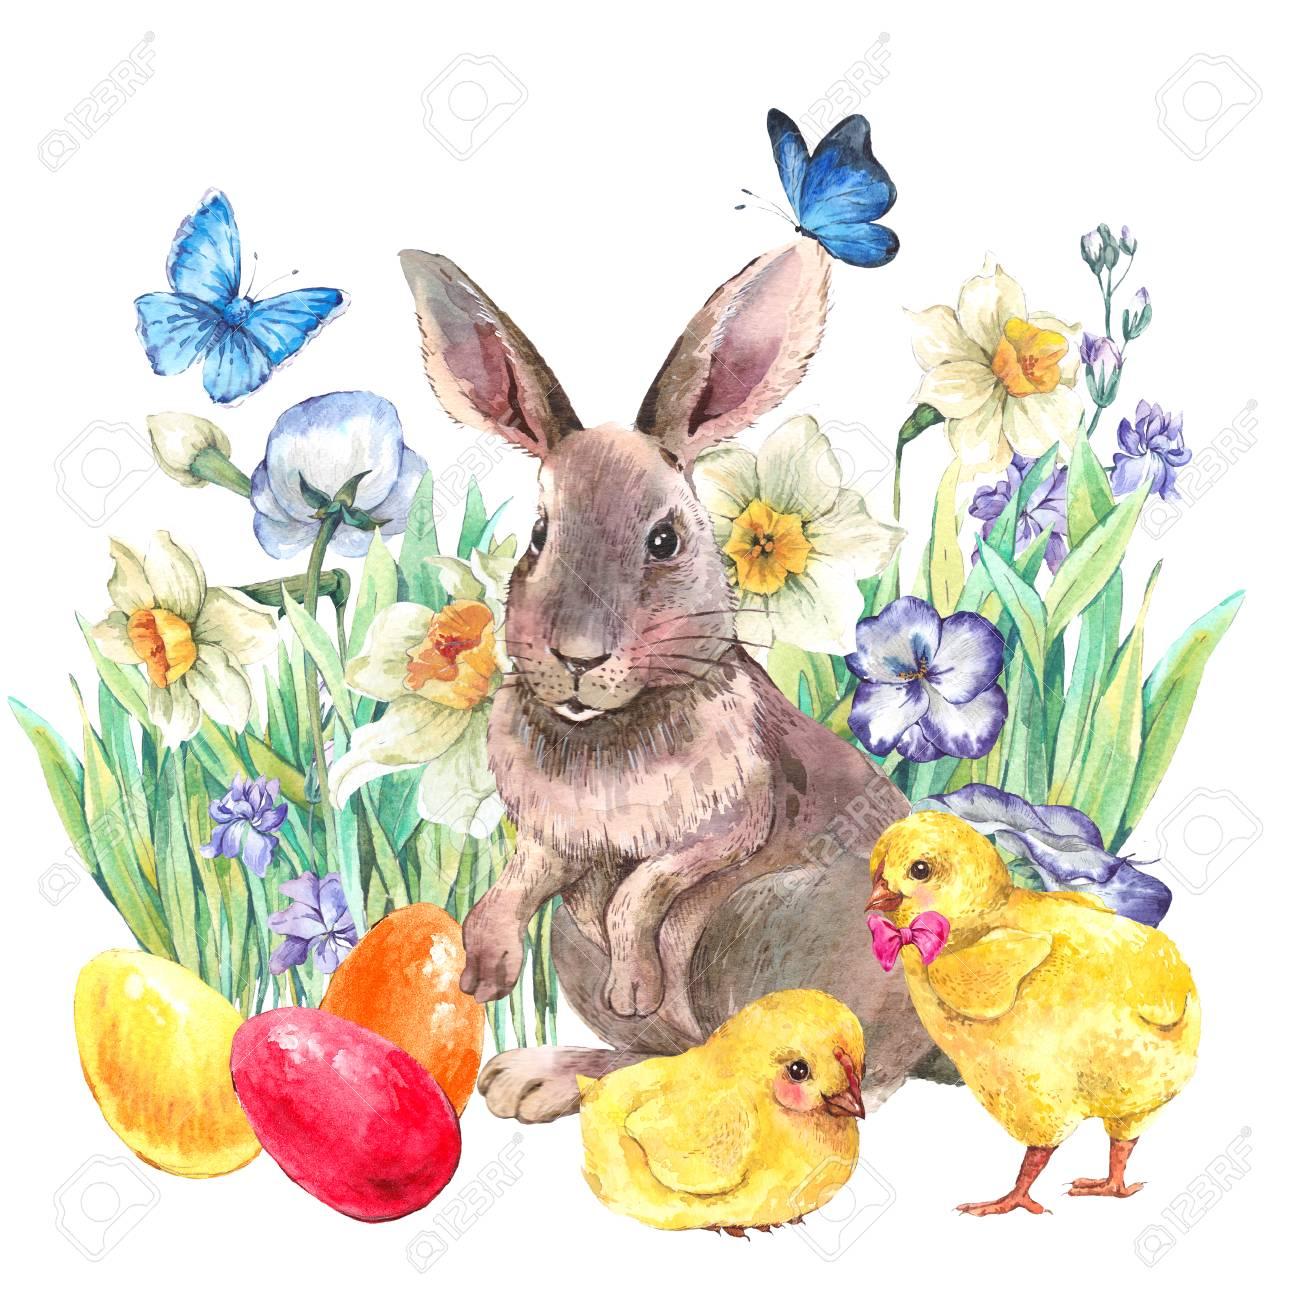 Aquarell Vintage Frohe Ostern Grußkarte Mit Niedlichen Hasen